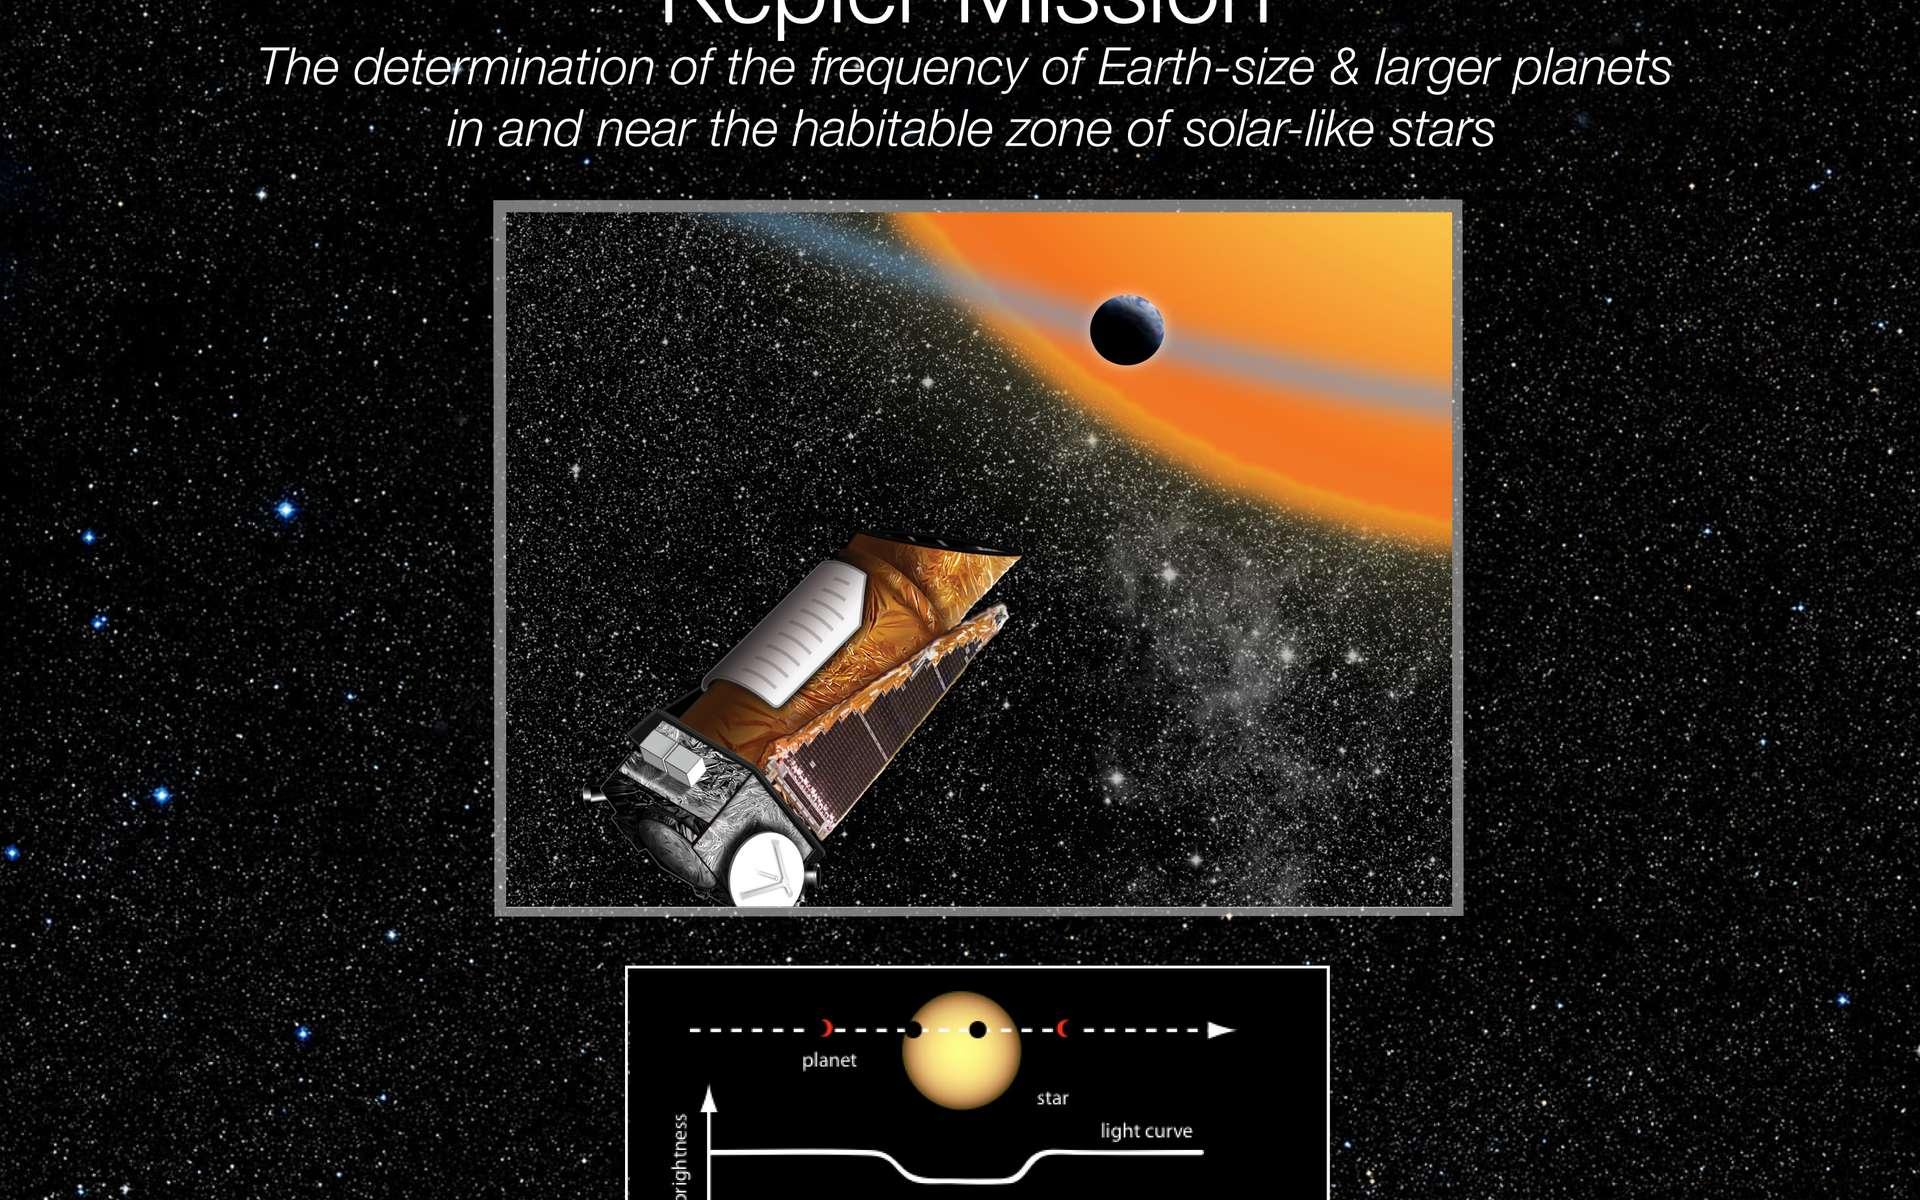 Une vue d'artiste de Kepler observant un transit planétaire. Son héritage est bien vivant comme le prouvent la découverte et l'étude récente de deux exoplanètes rocheuses avec des périodes orbitales inférieures à 10 heures. D'autres surprises nous attendent encore dans les archives de Kepler, même si désormais il ne peut plus chasser les exoplanètes. © Nasa